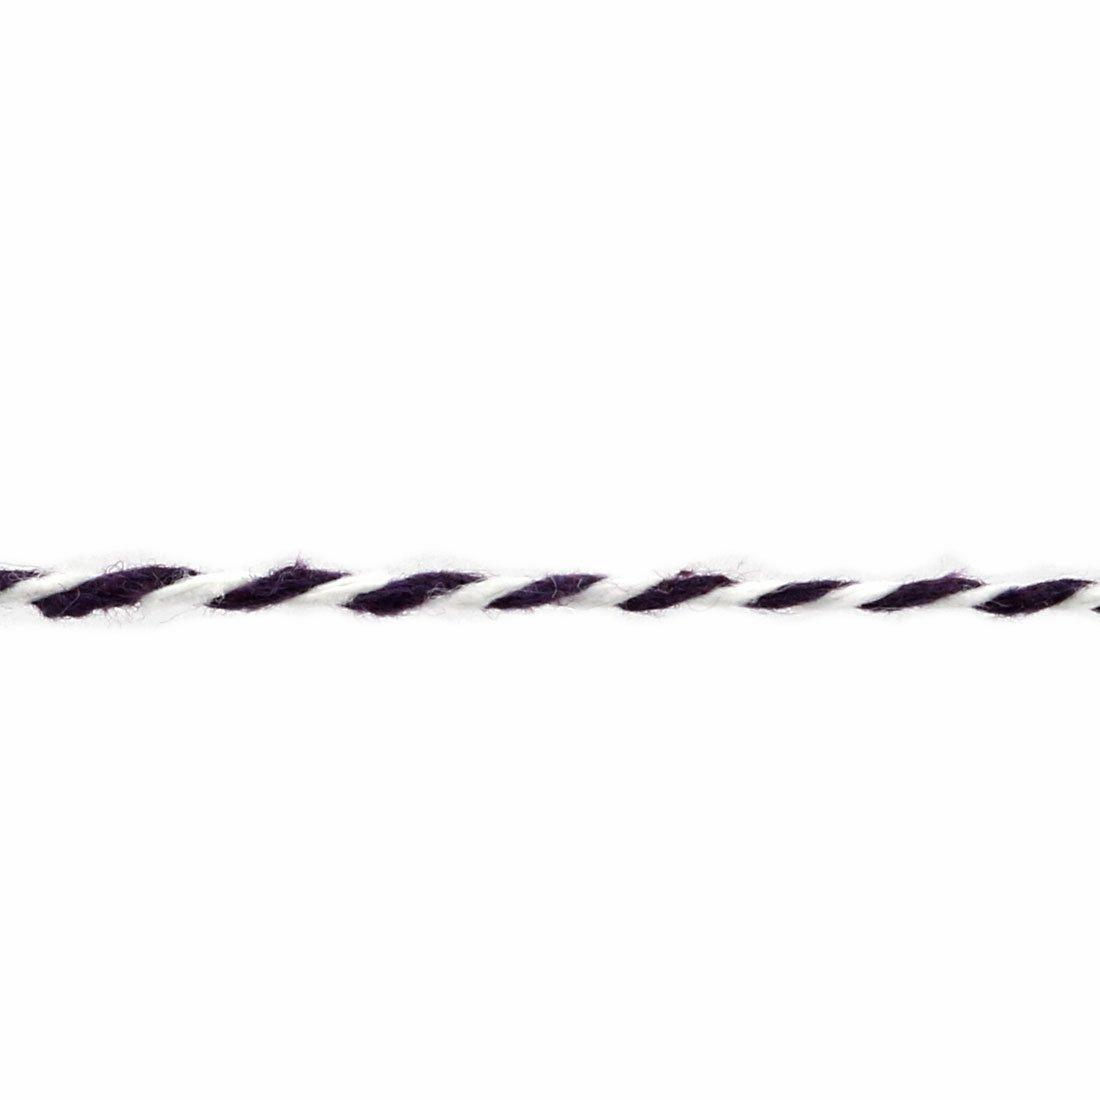 Amazon.com: Cuerda de algodón eDealMax jardín del hogar de la Flor del Regalo del árbol Adorno arte DIY Agrupación línea púrpura Blanca: Health & Personal ...